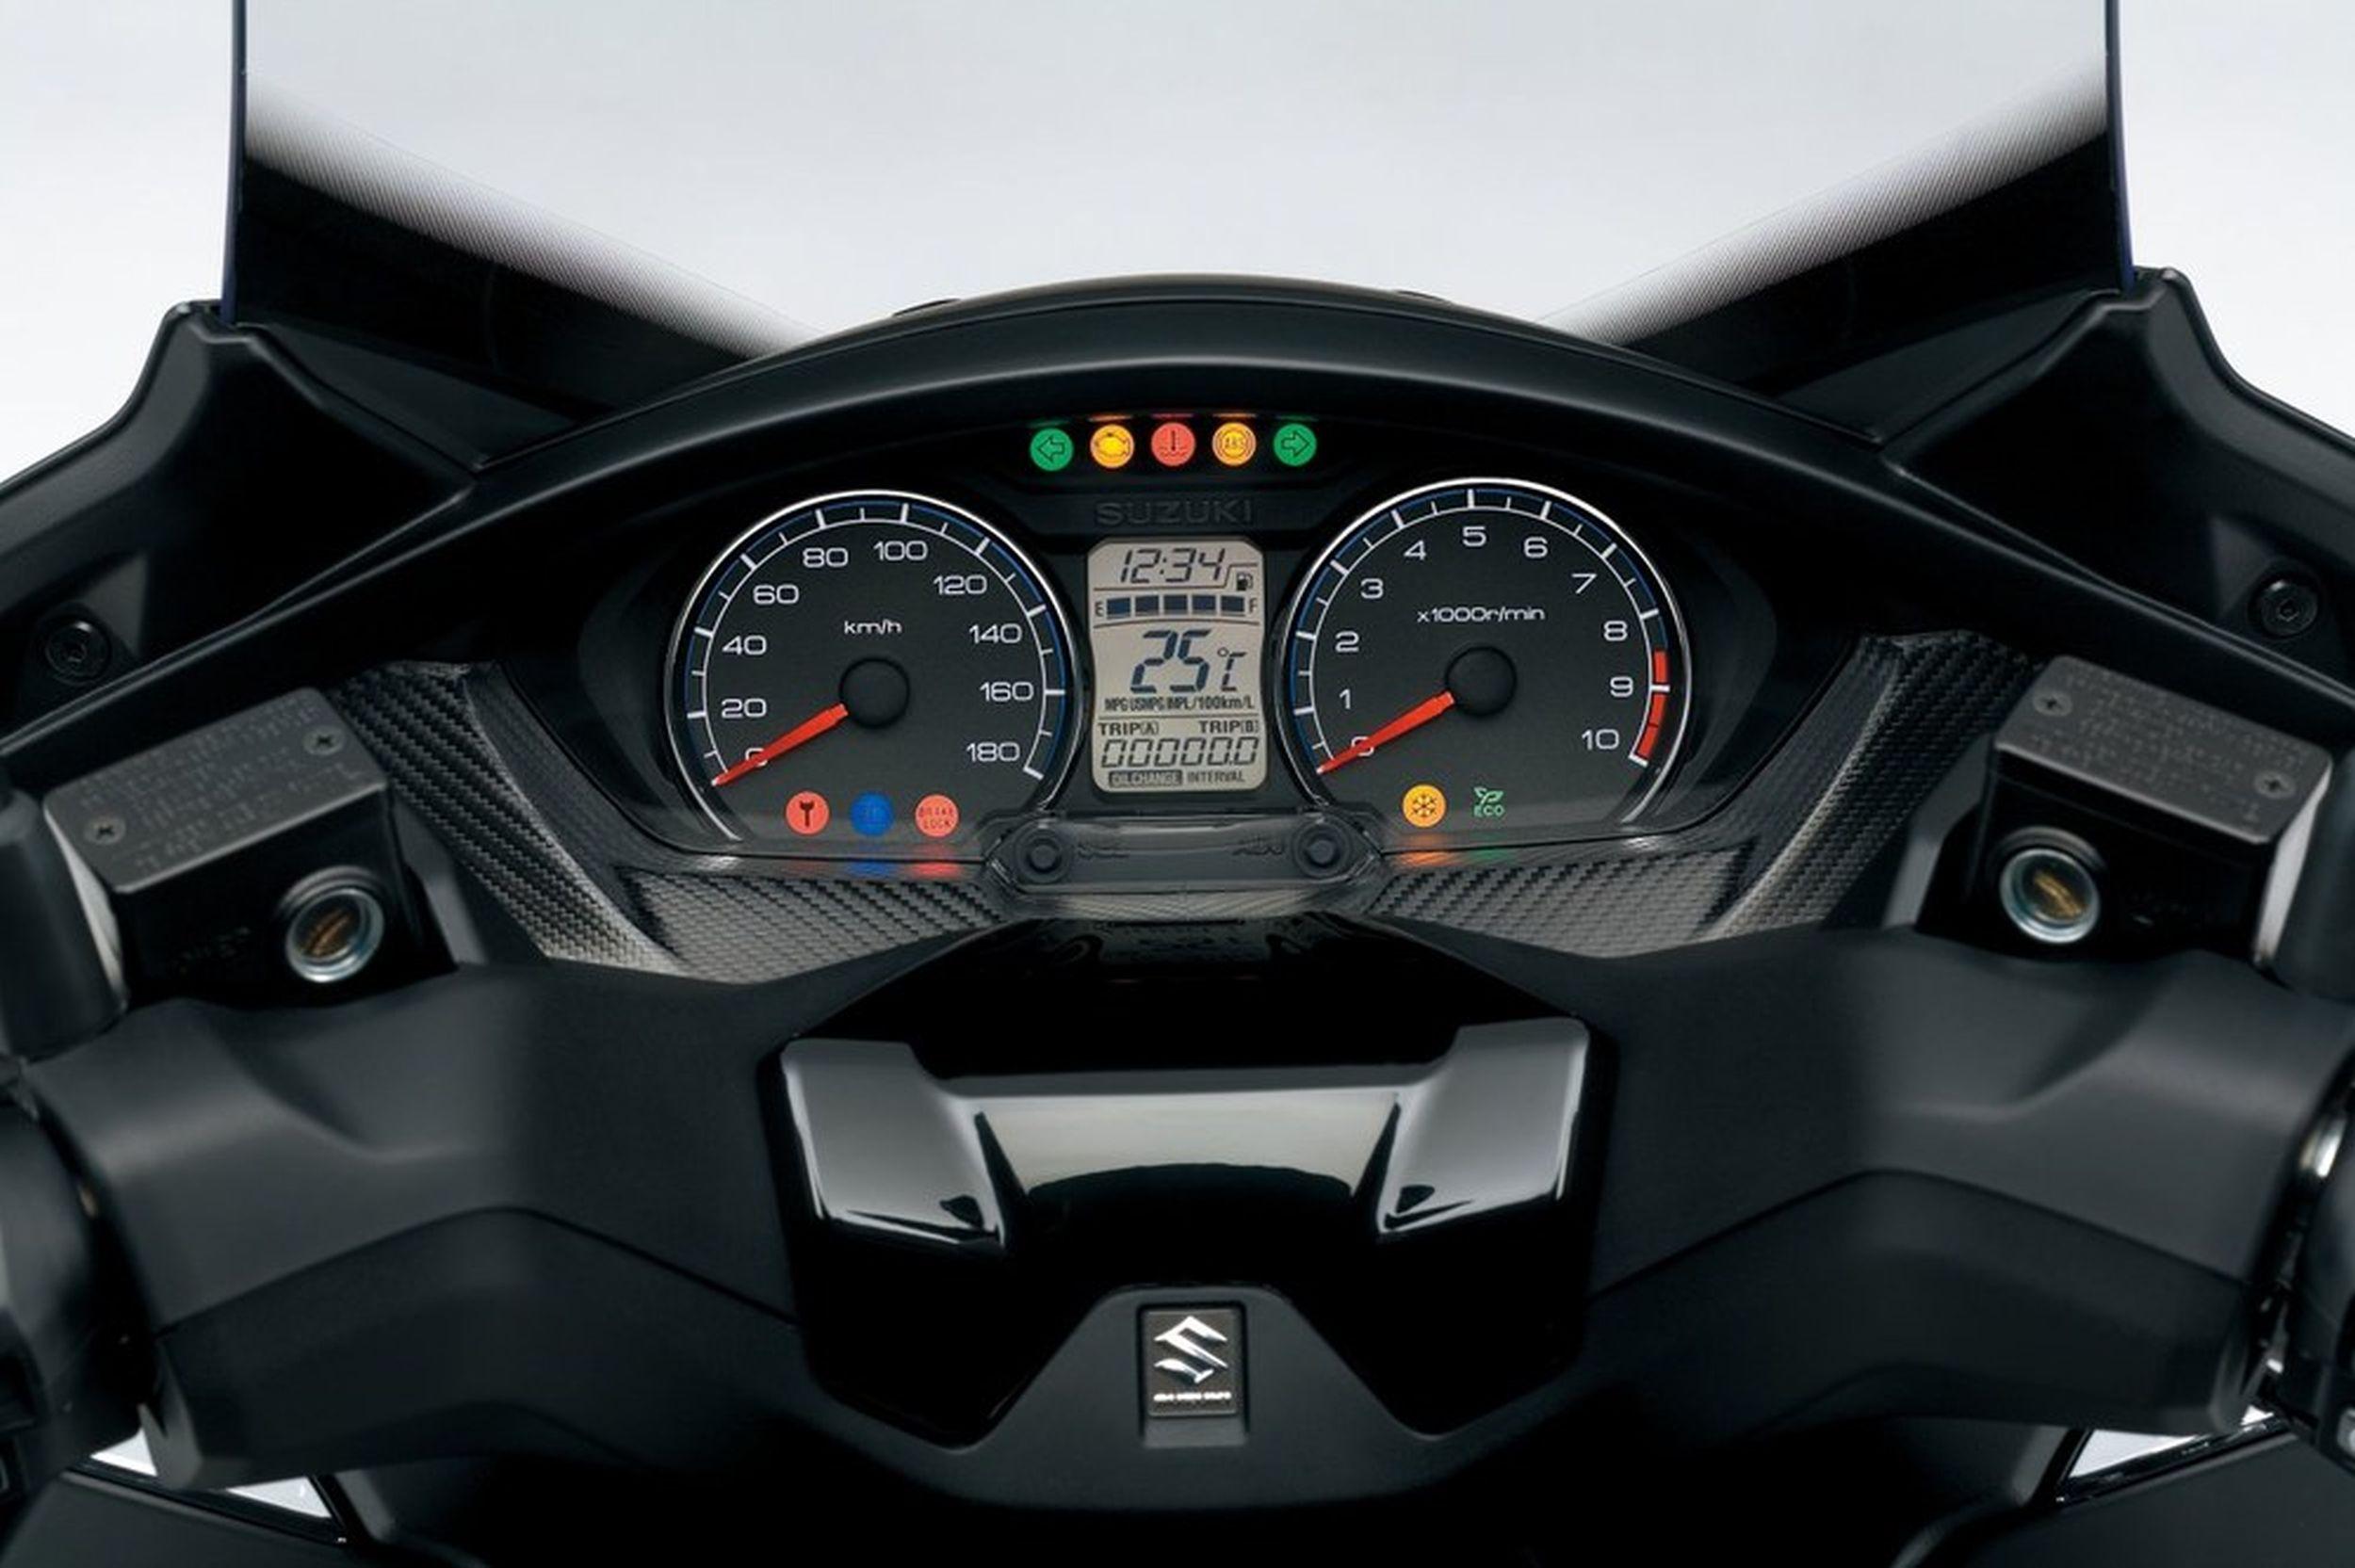 Gebrauchte und neue Suzuki Burgman 400 Motorräder kaufen